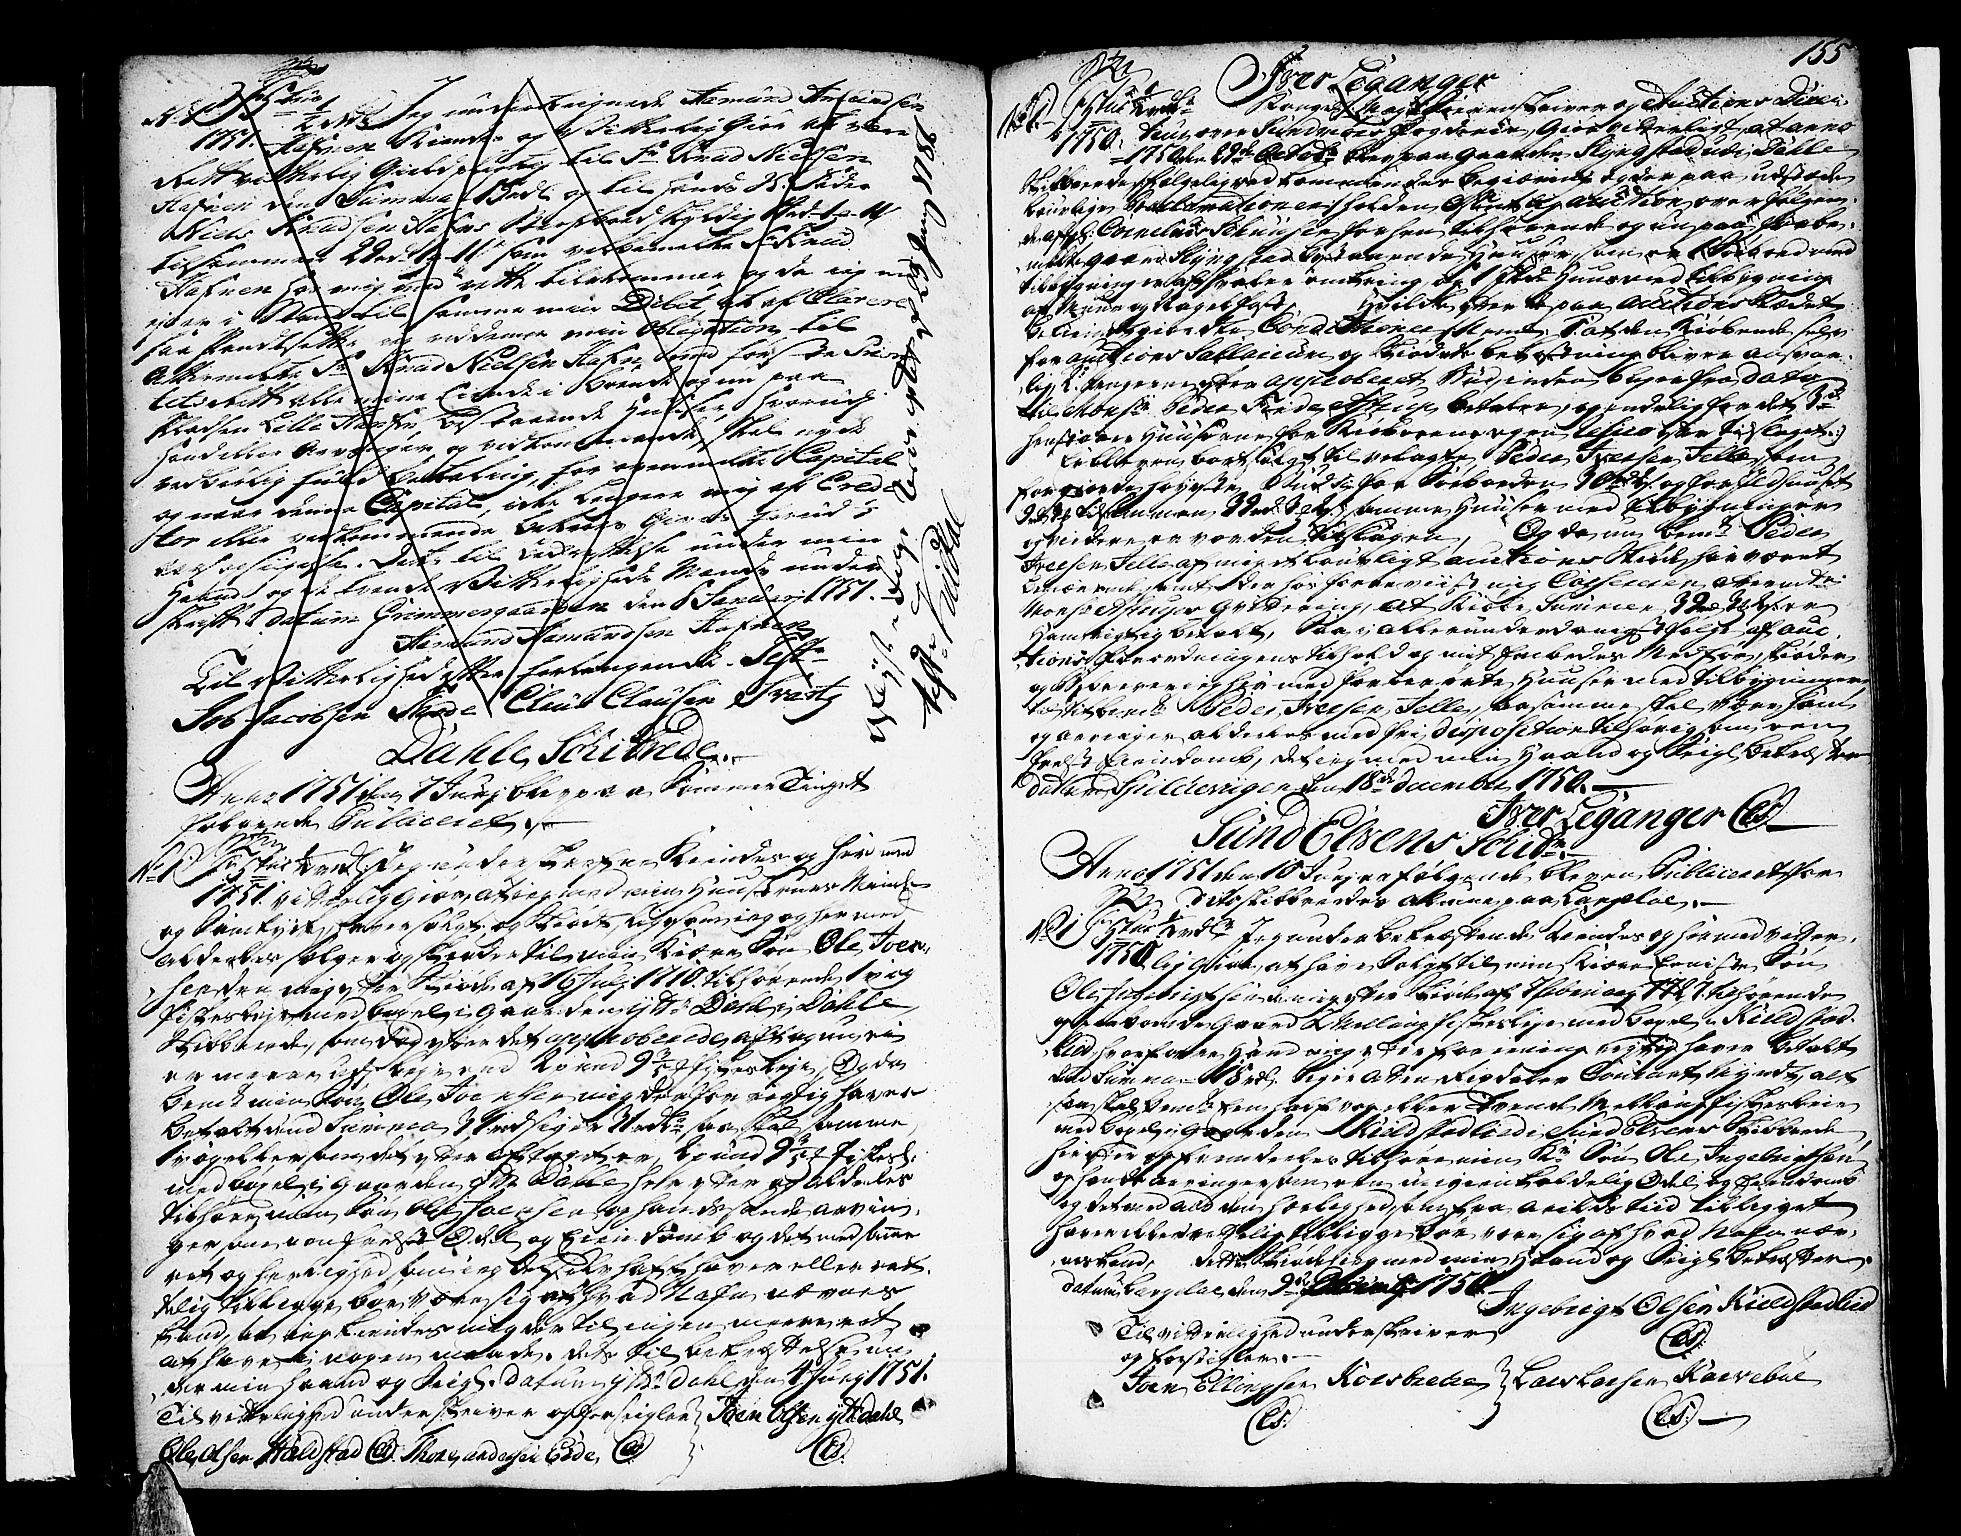 SAT, Sunnmøre sorenskriveri, 2/2C/L0003: Pantebok nr. 3A, 1744-1760, s. 155